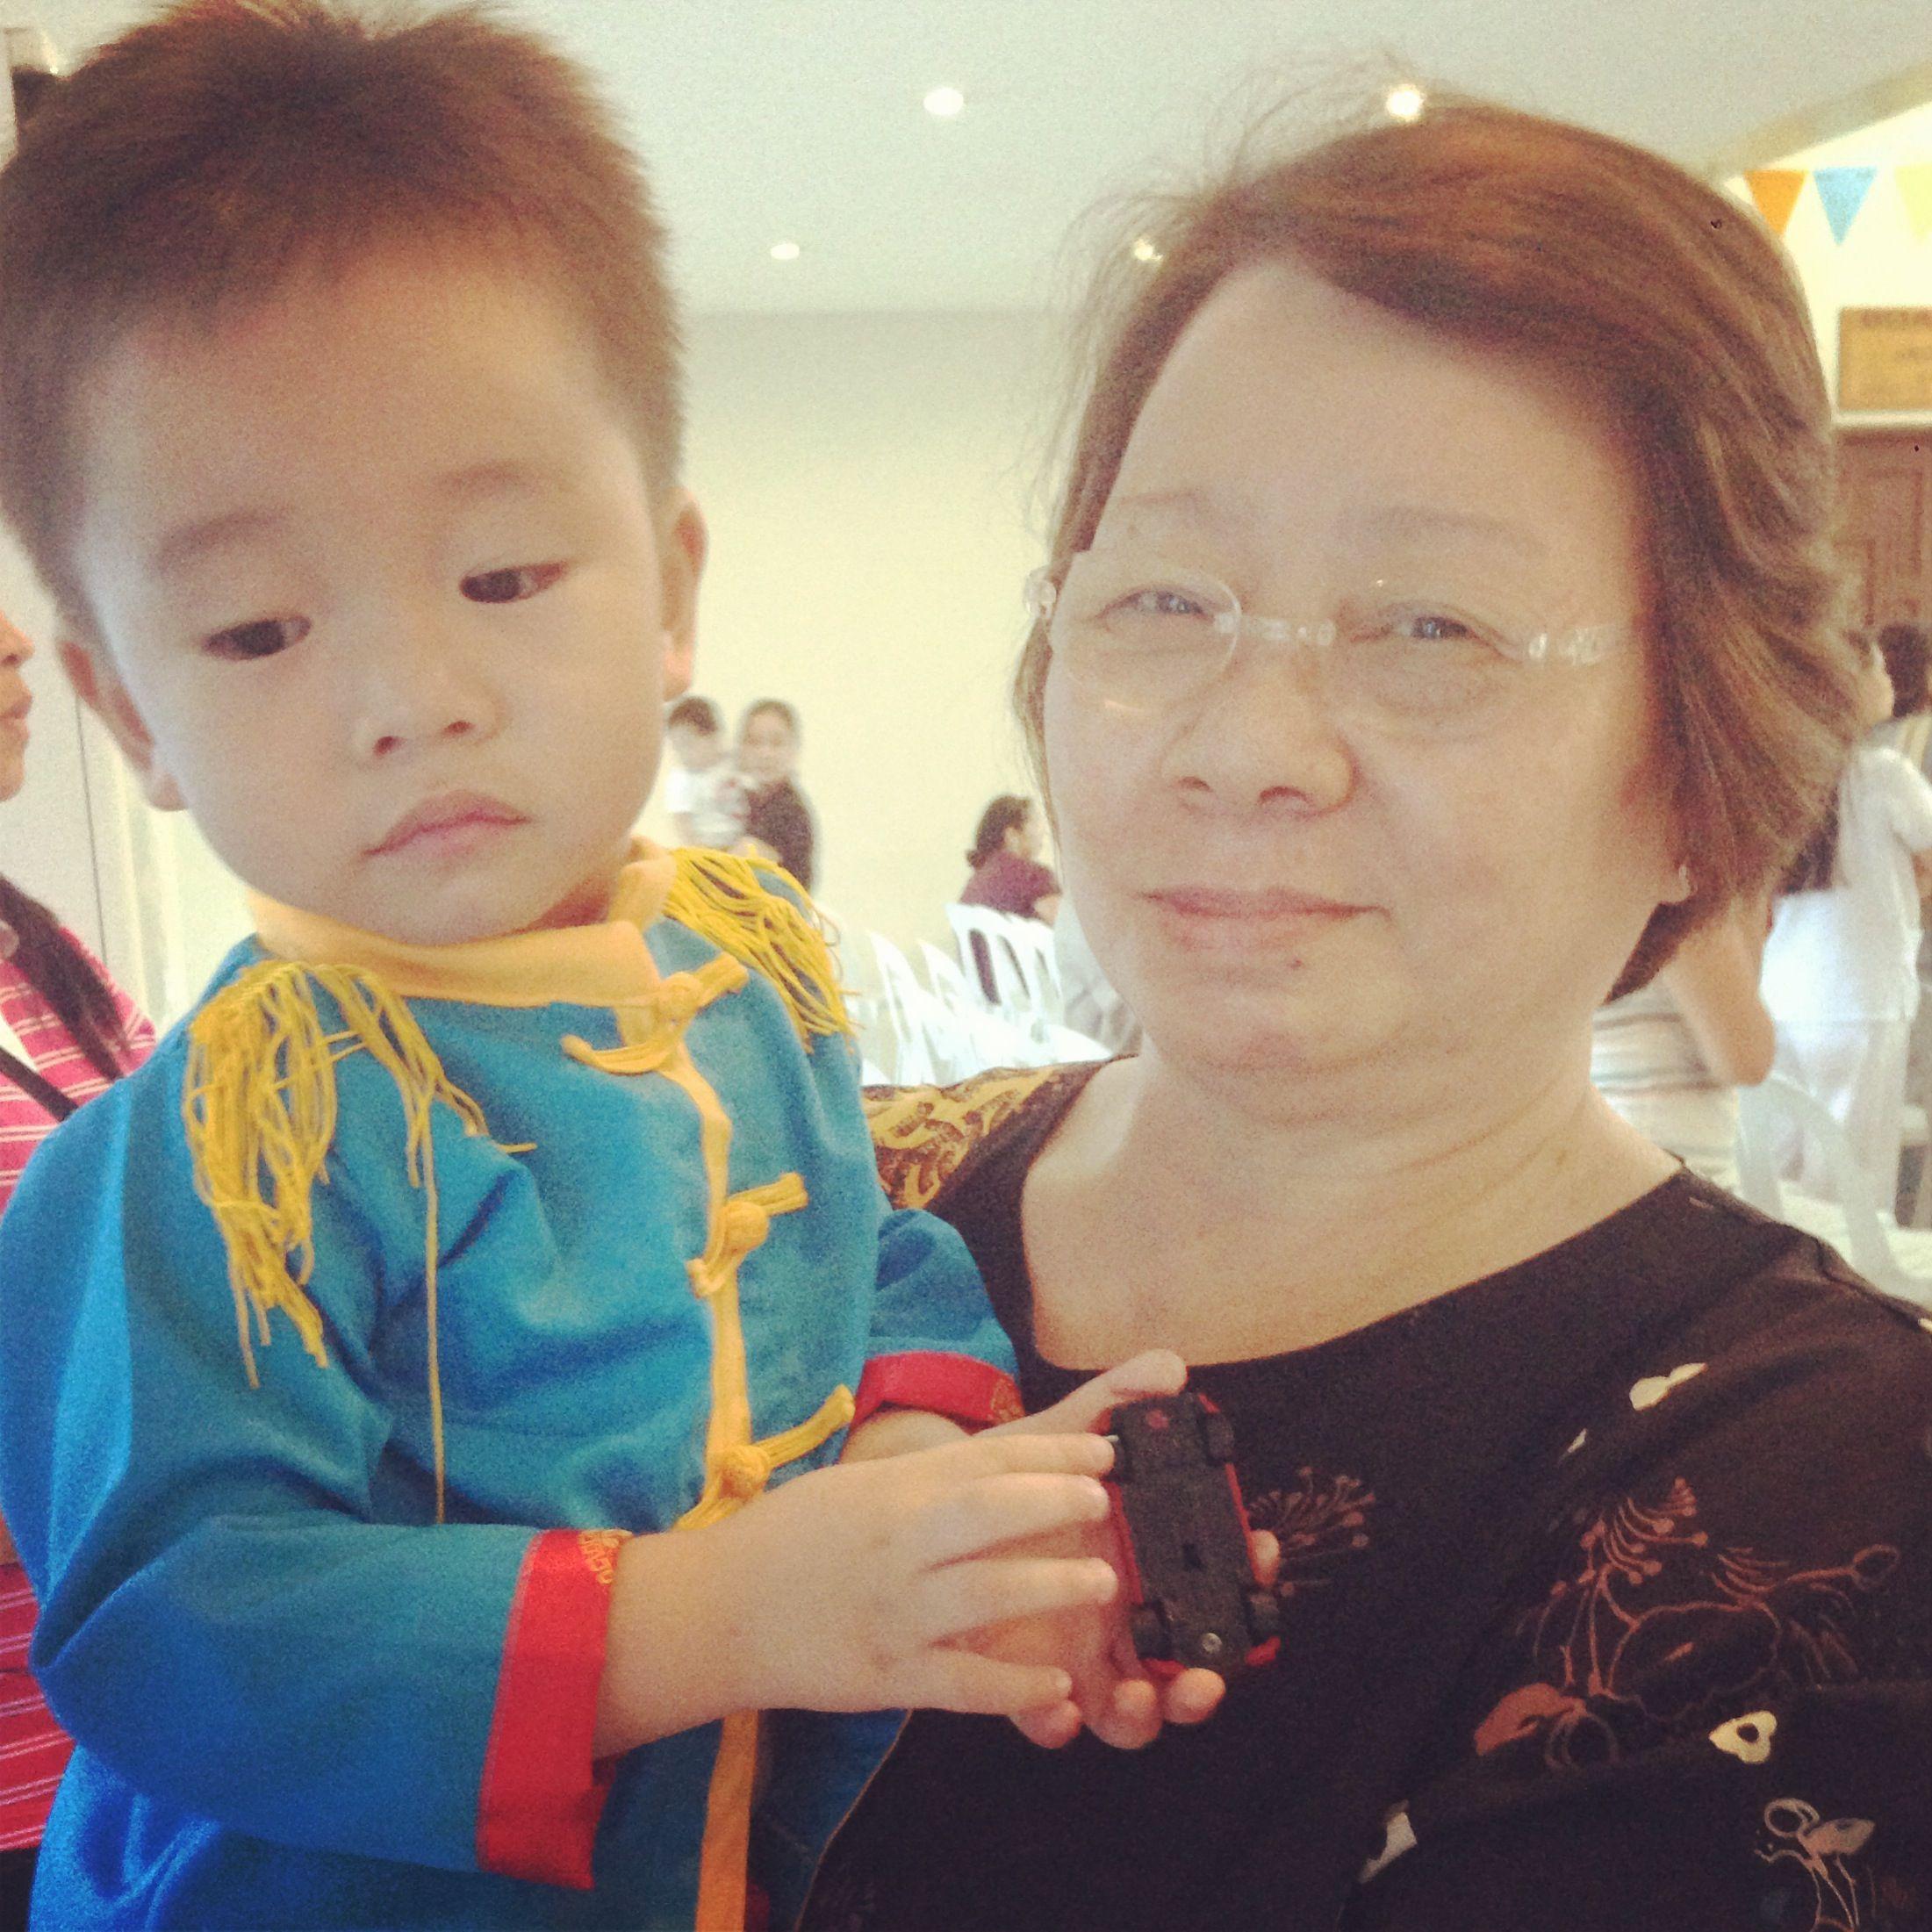 Granny and colt love love love